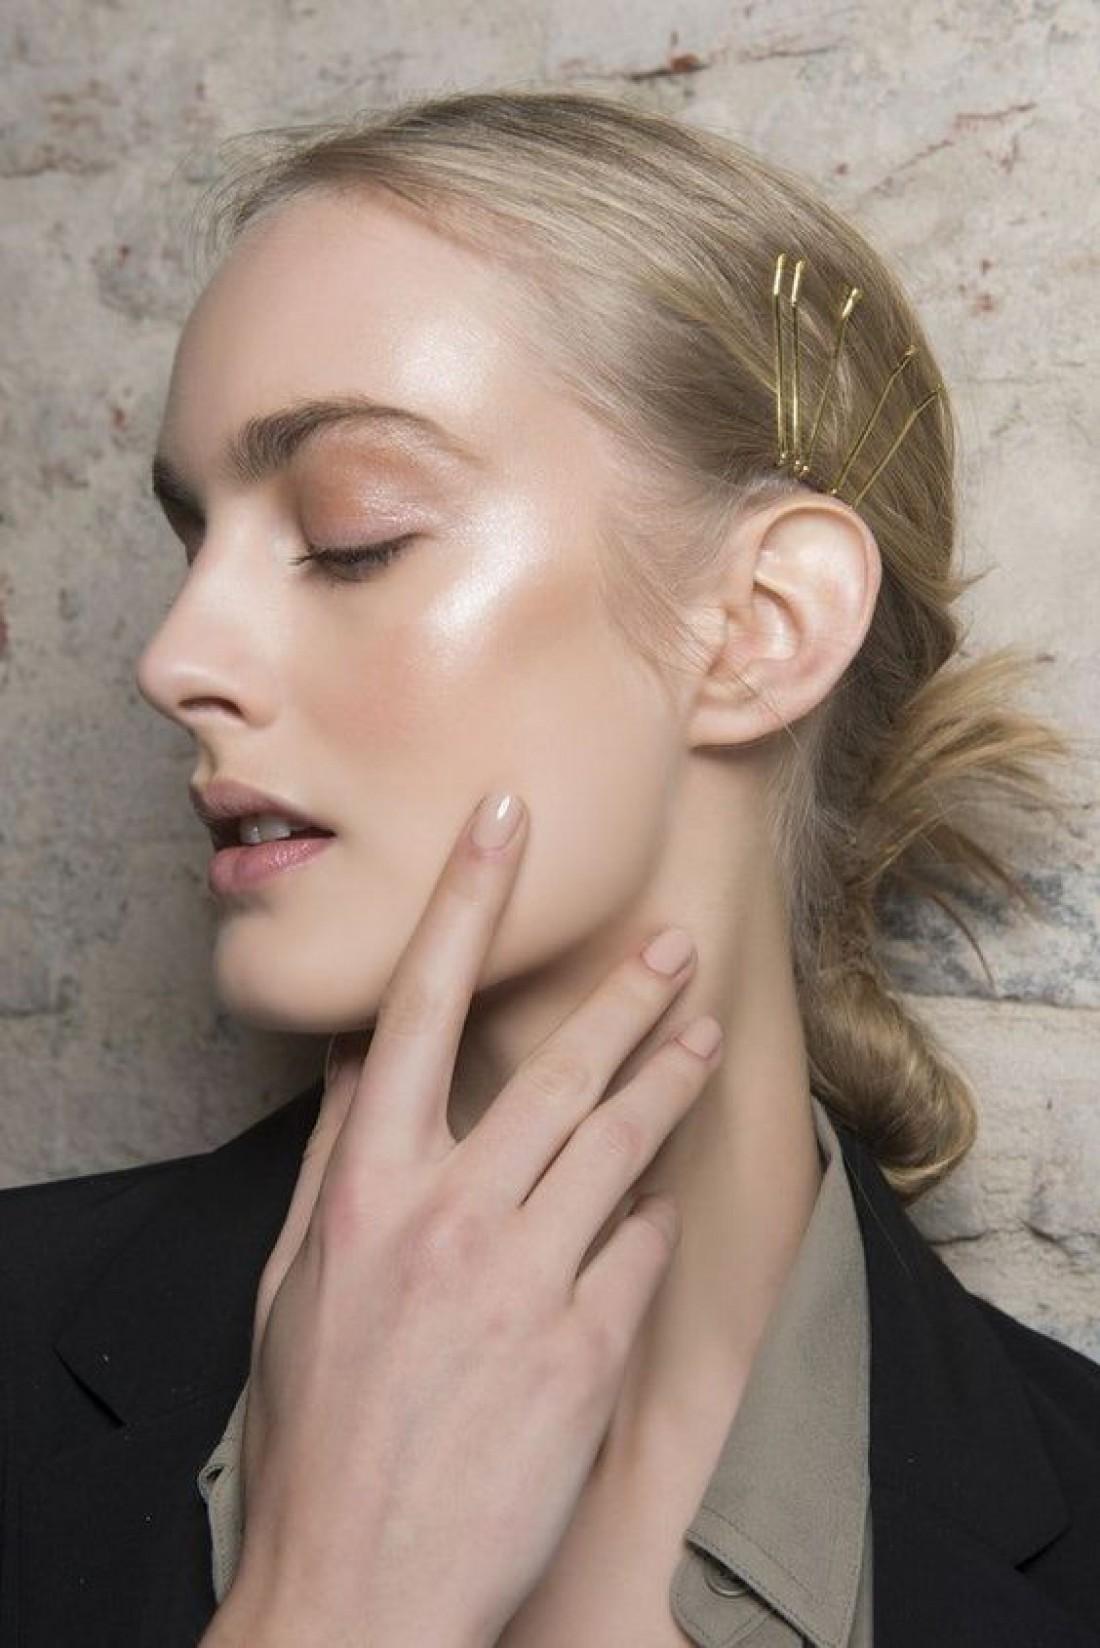 Летний макияж 2019: 10 топовых трендов